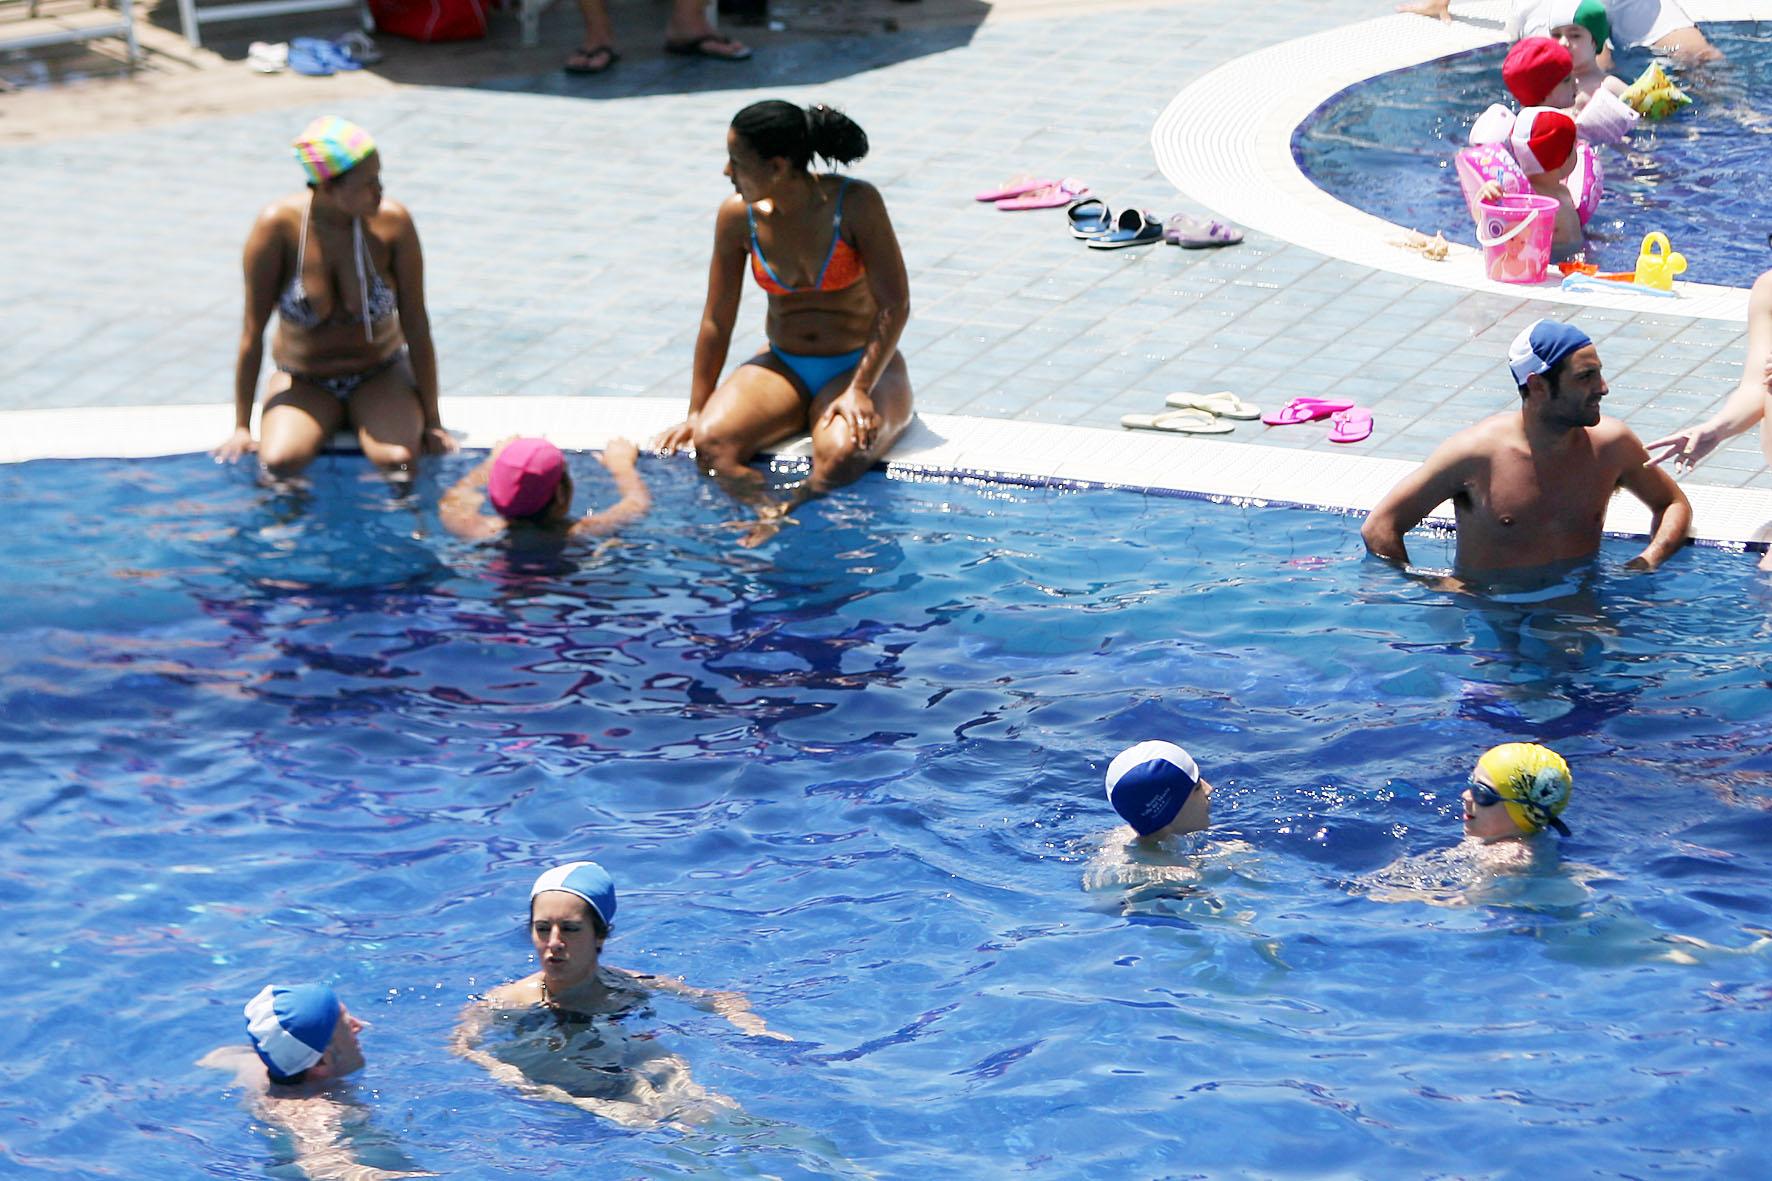 Salerno due uomini si abbracciano a bordo piscina - Orientamento piscina ...